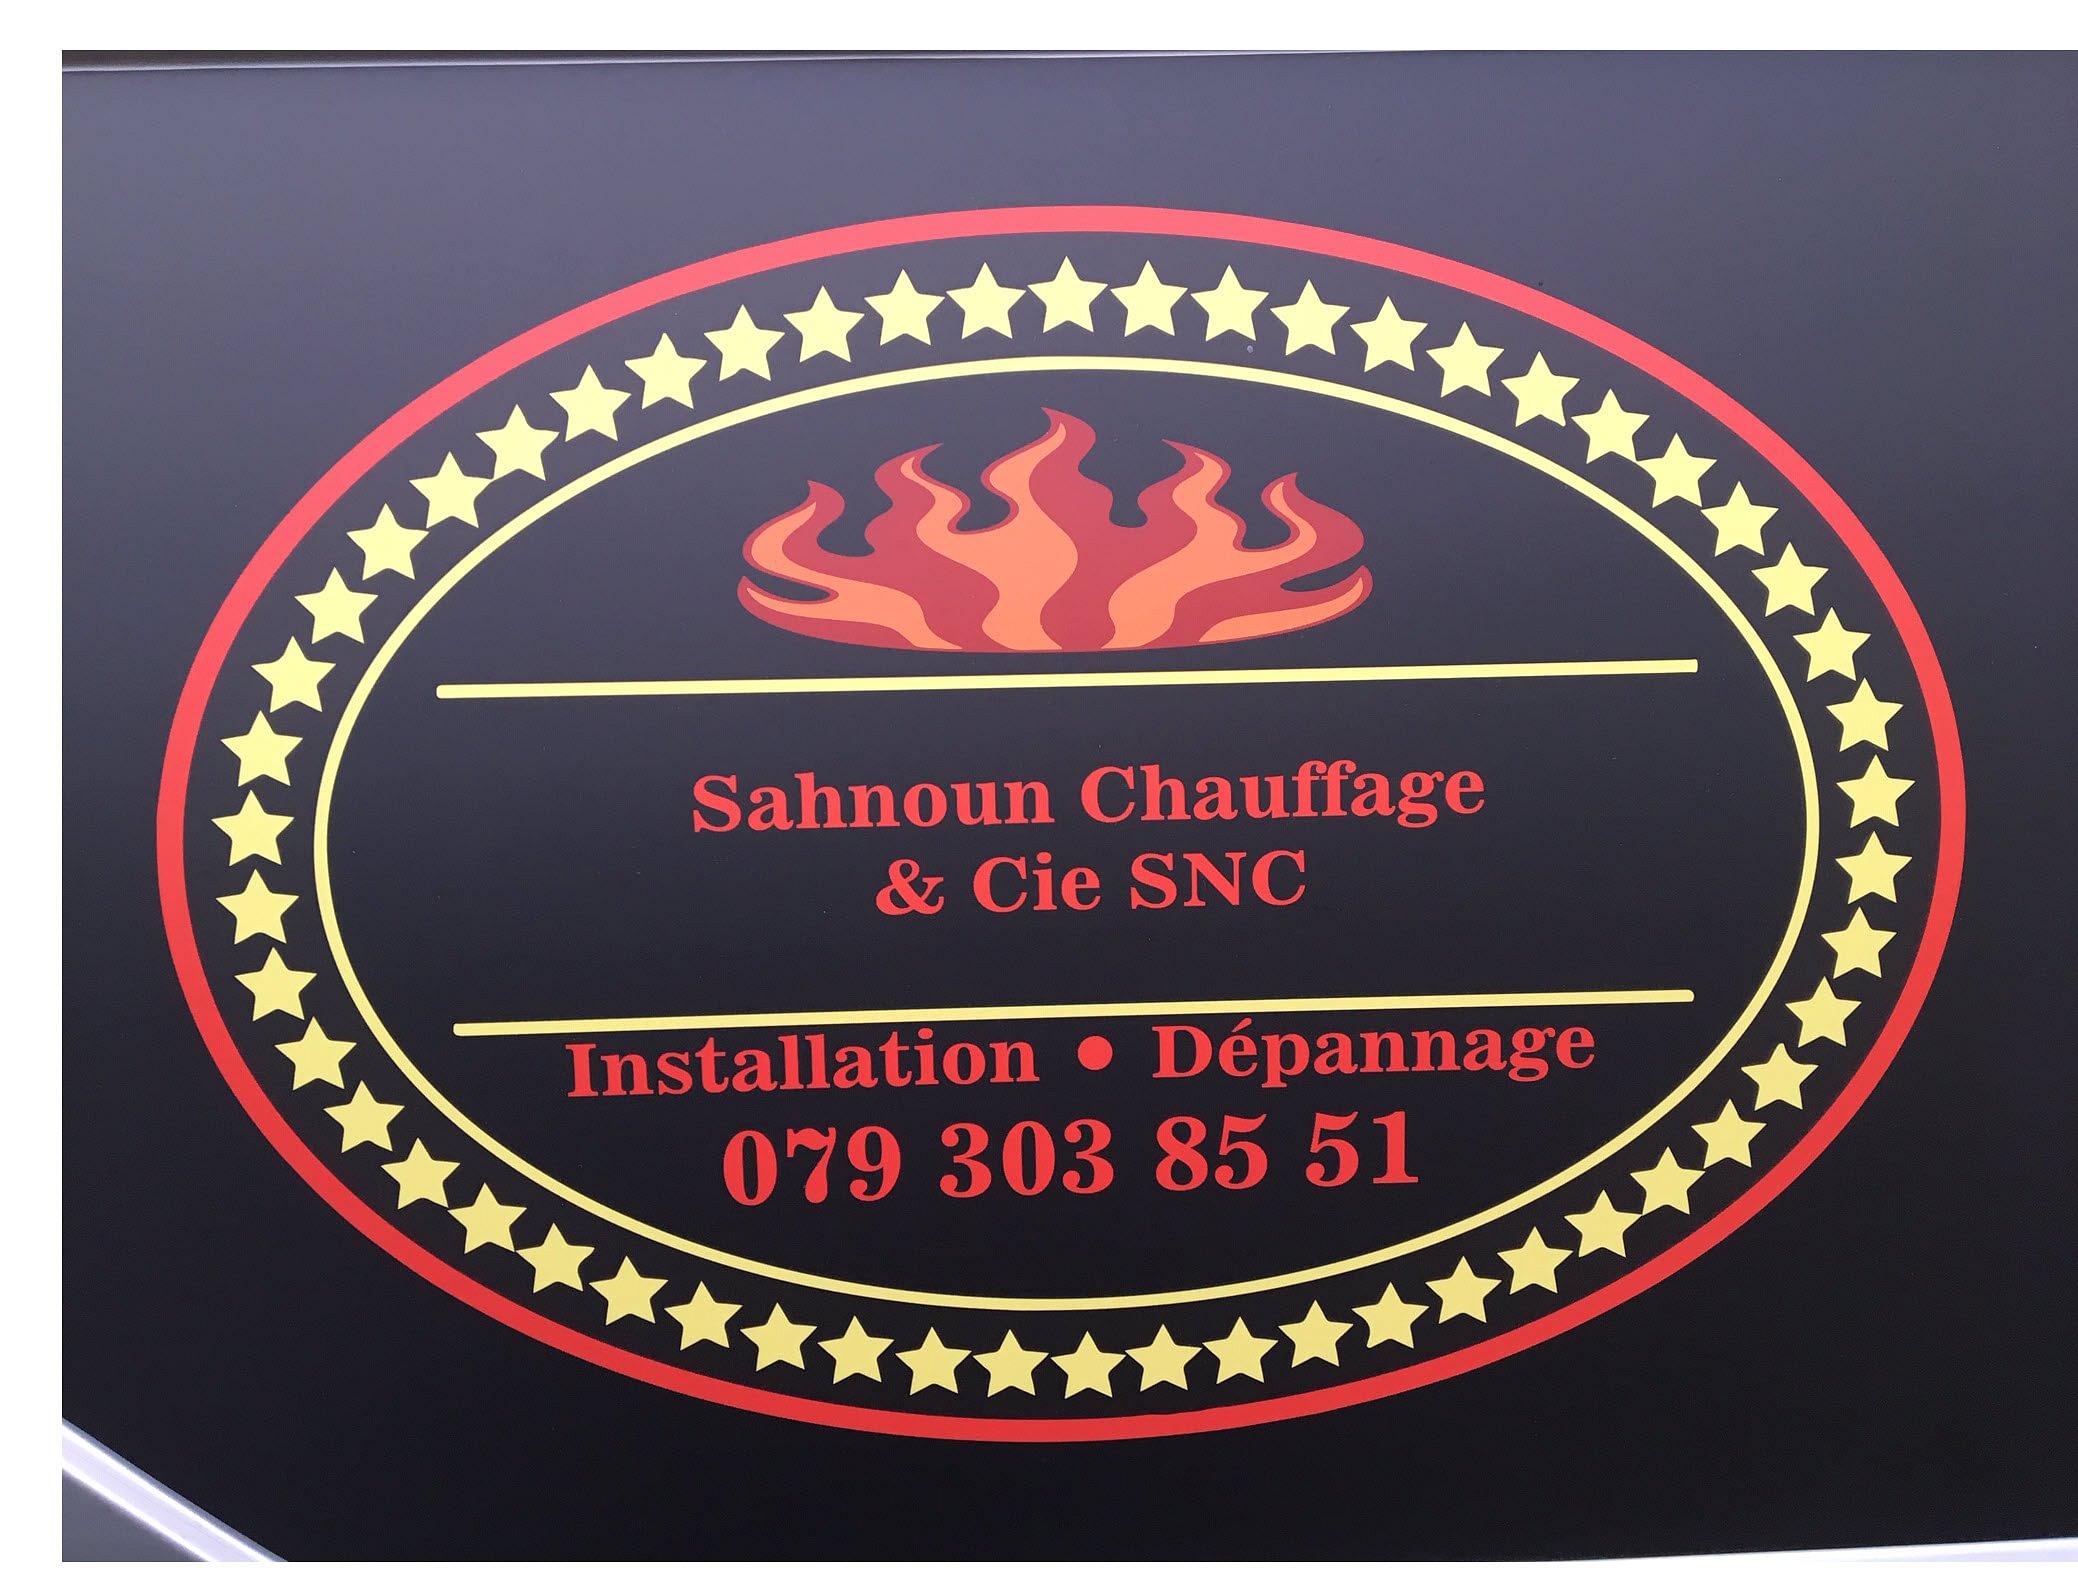 Sahnoun Chauffage & Cie SNC